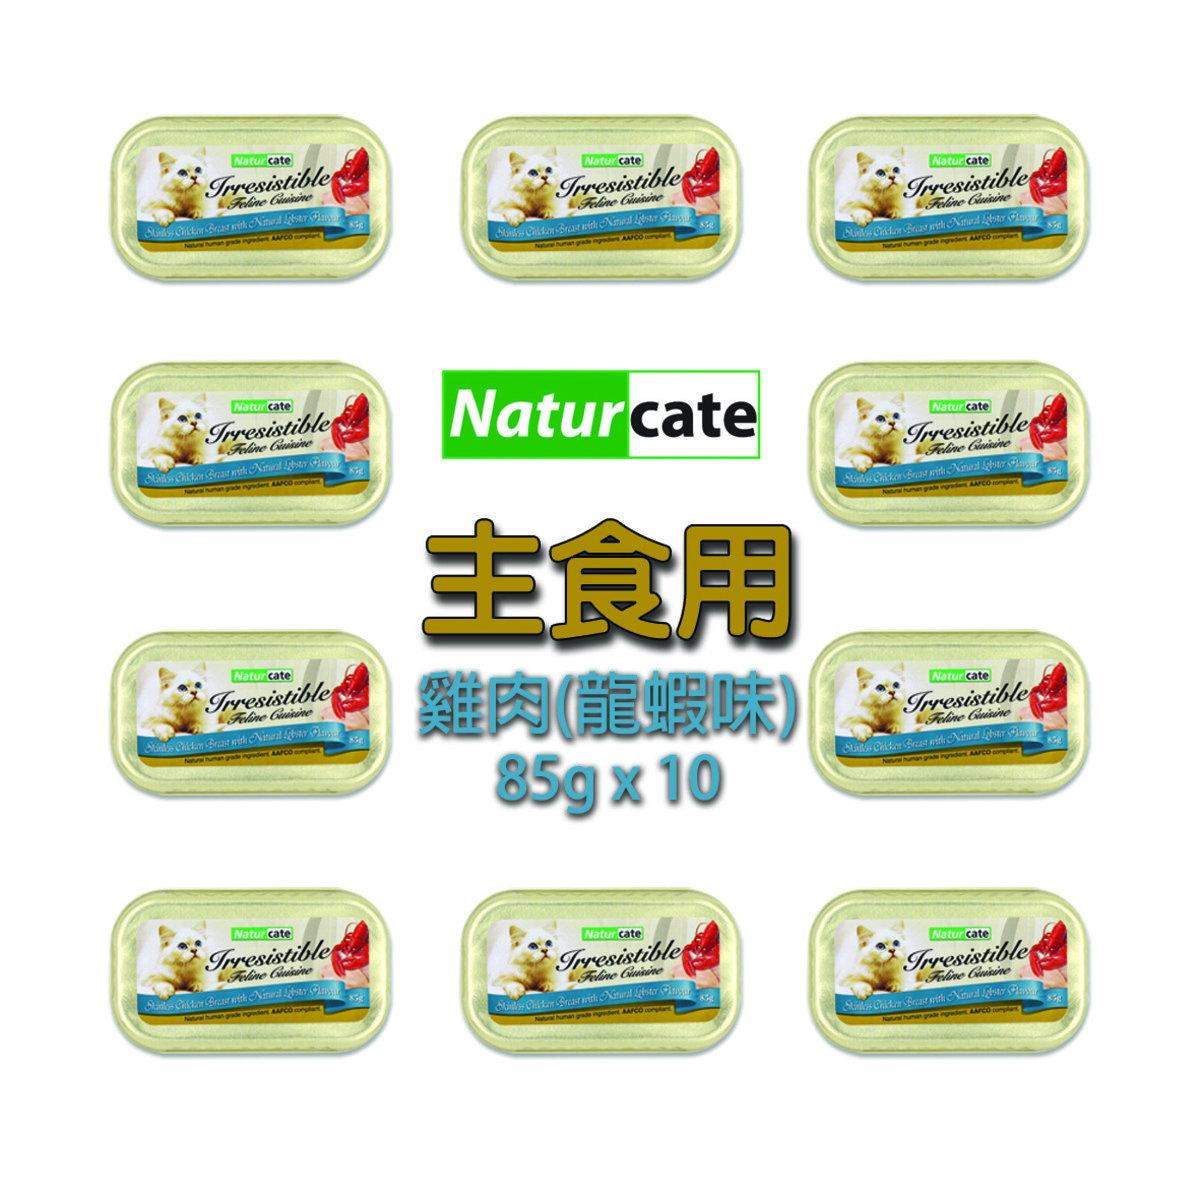 雞肉(龍蝦) 85g - 10罐